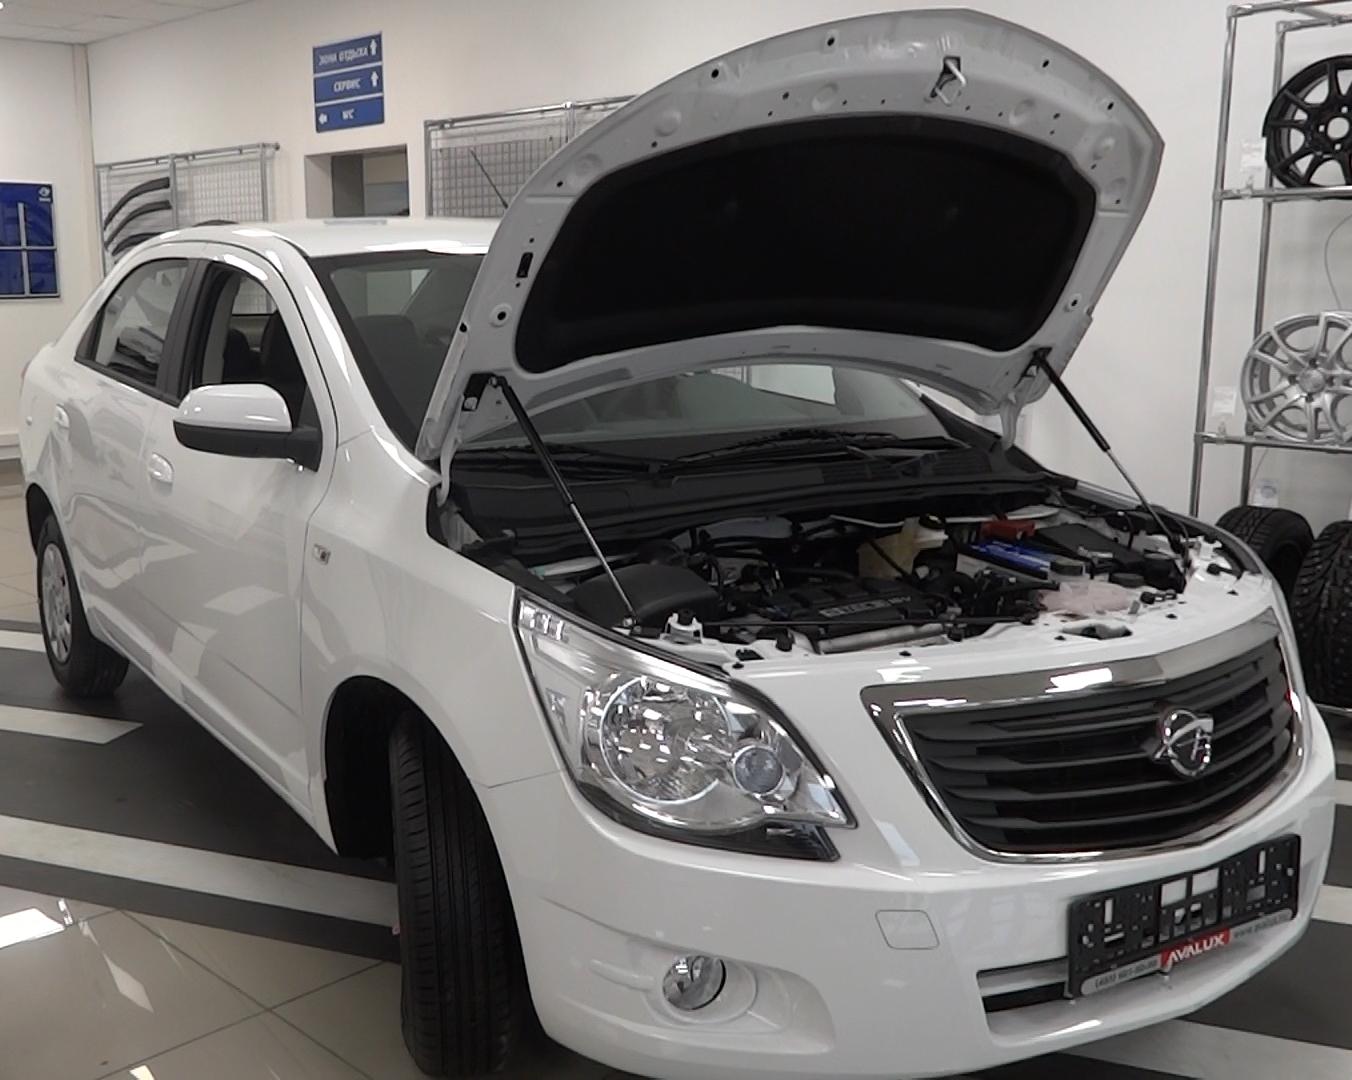 Амортизаторы (упоры) капота для Chevrolet Cobalt